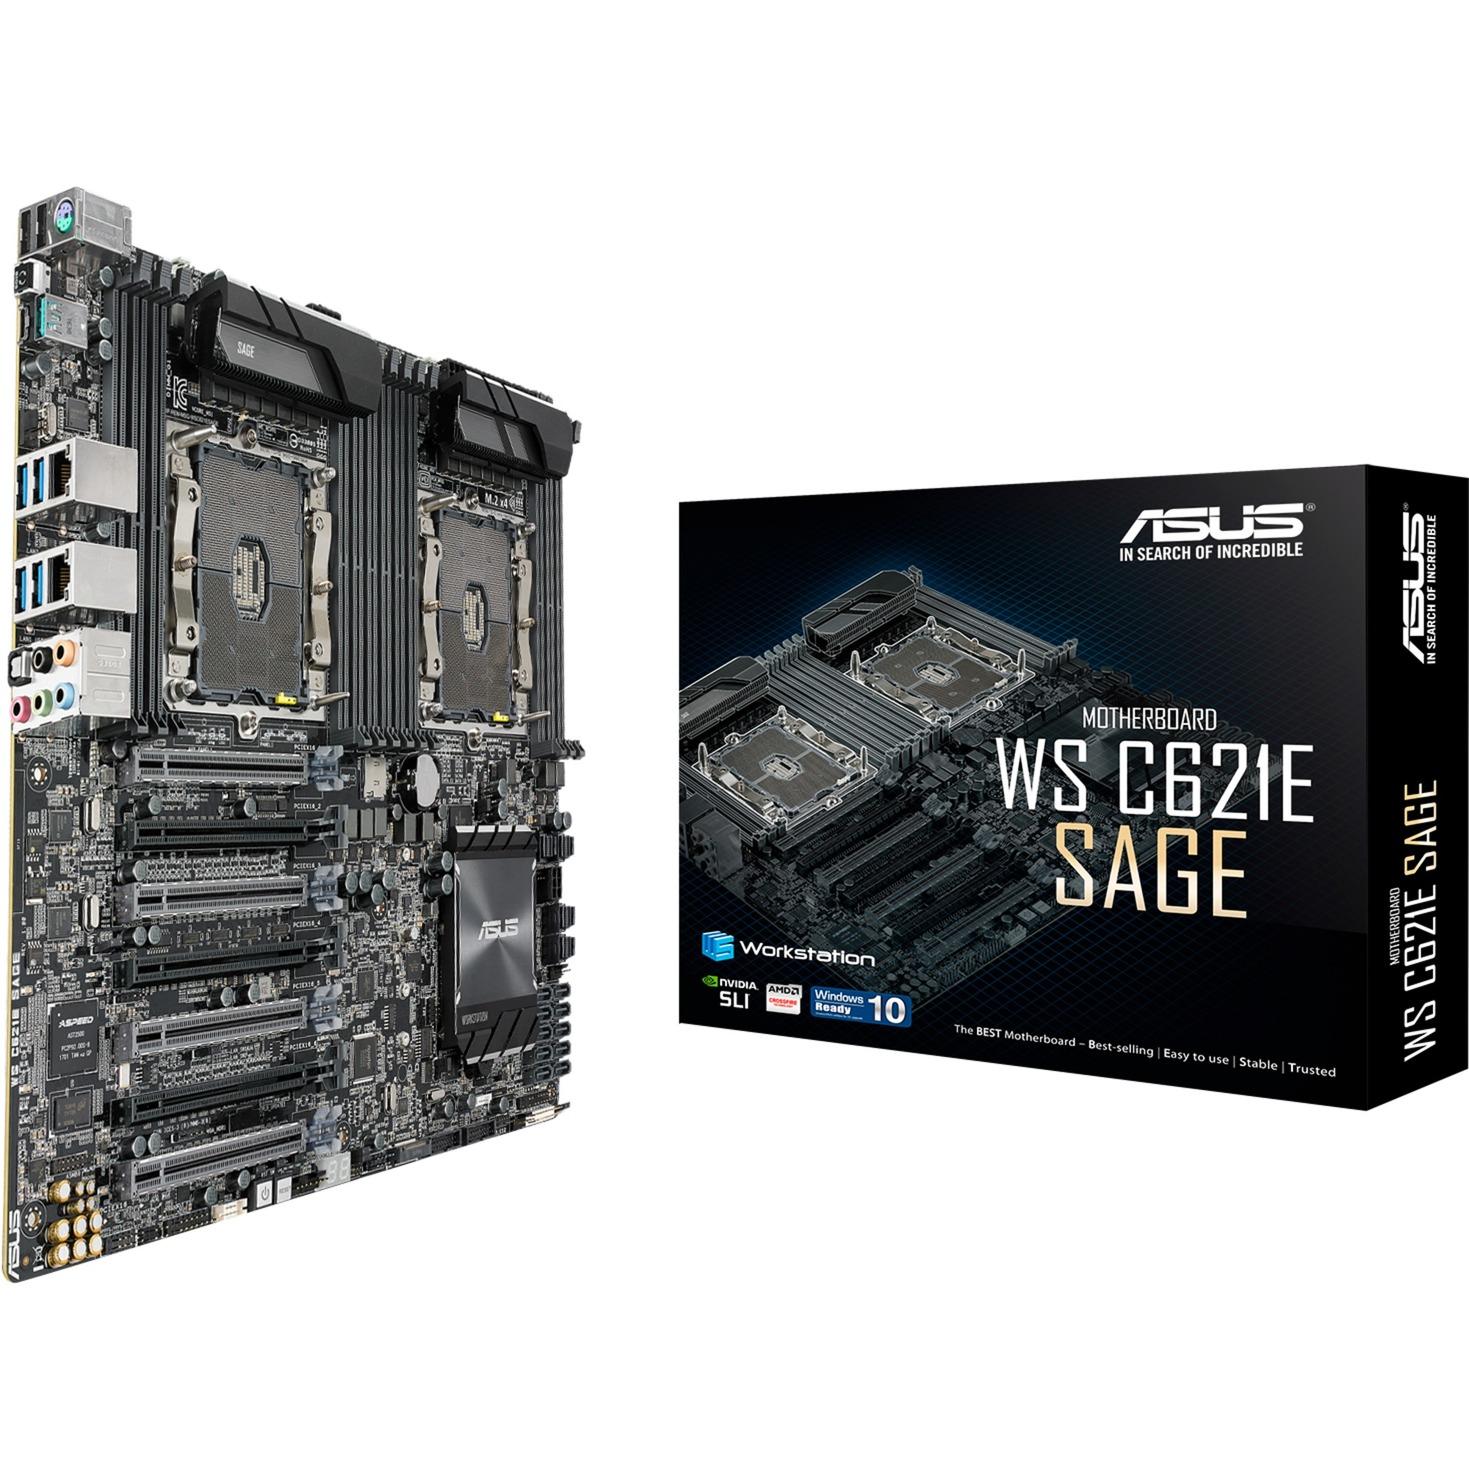 WS C621E SAGE placa base Socket P EEB Intel C621